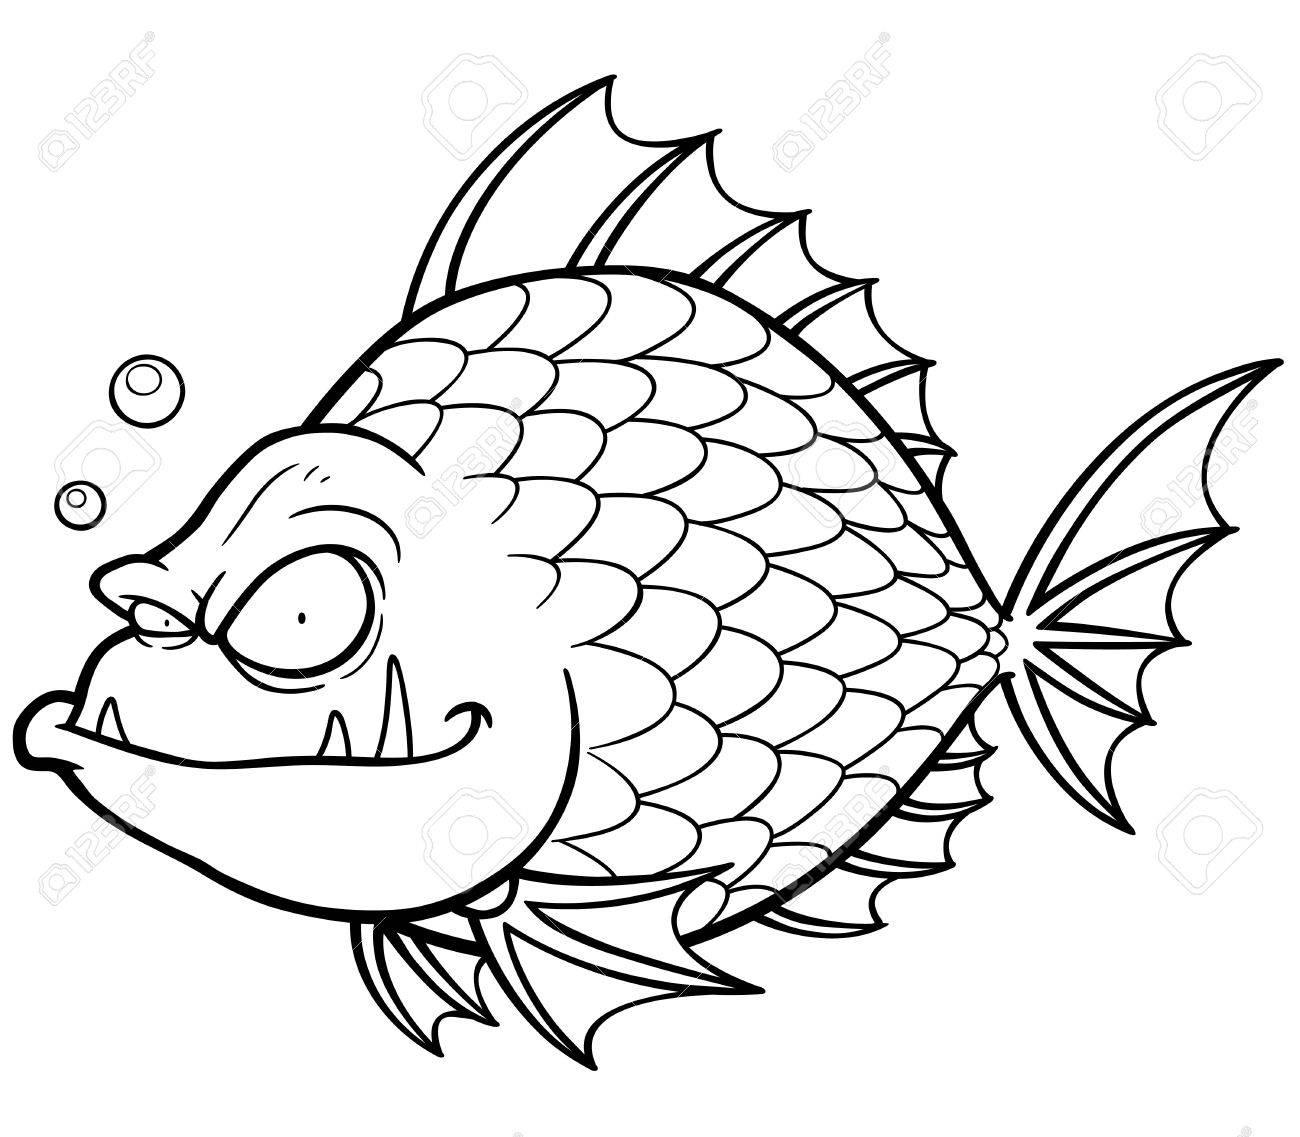 ベクトル漫画の魚のイラスト塗り絵